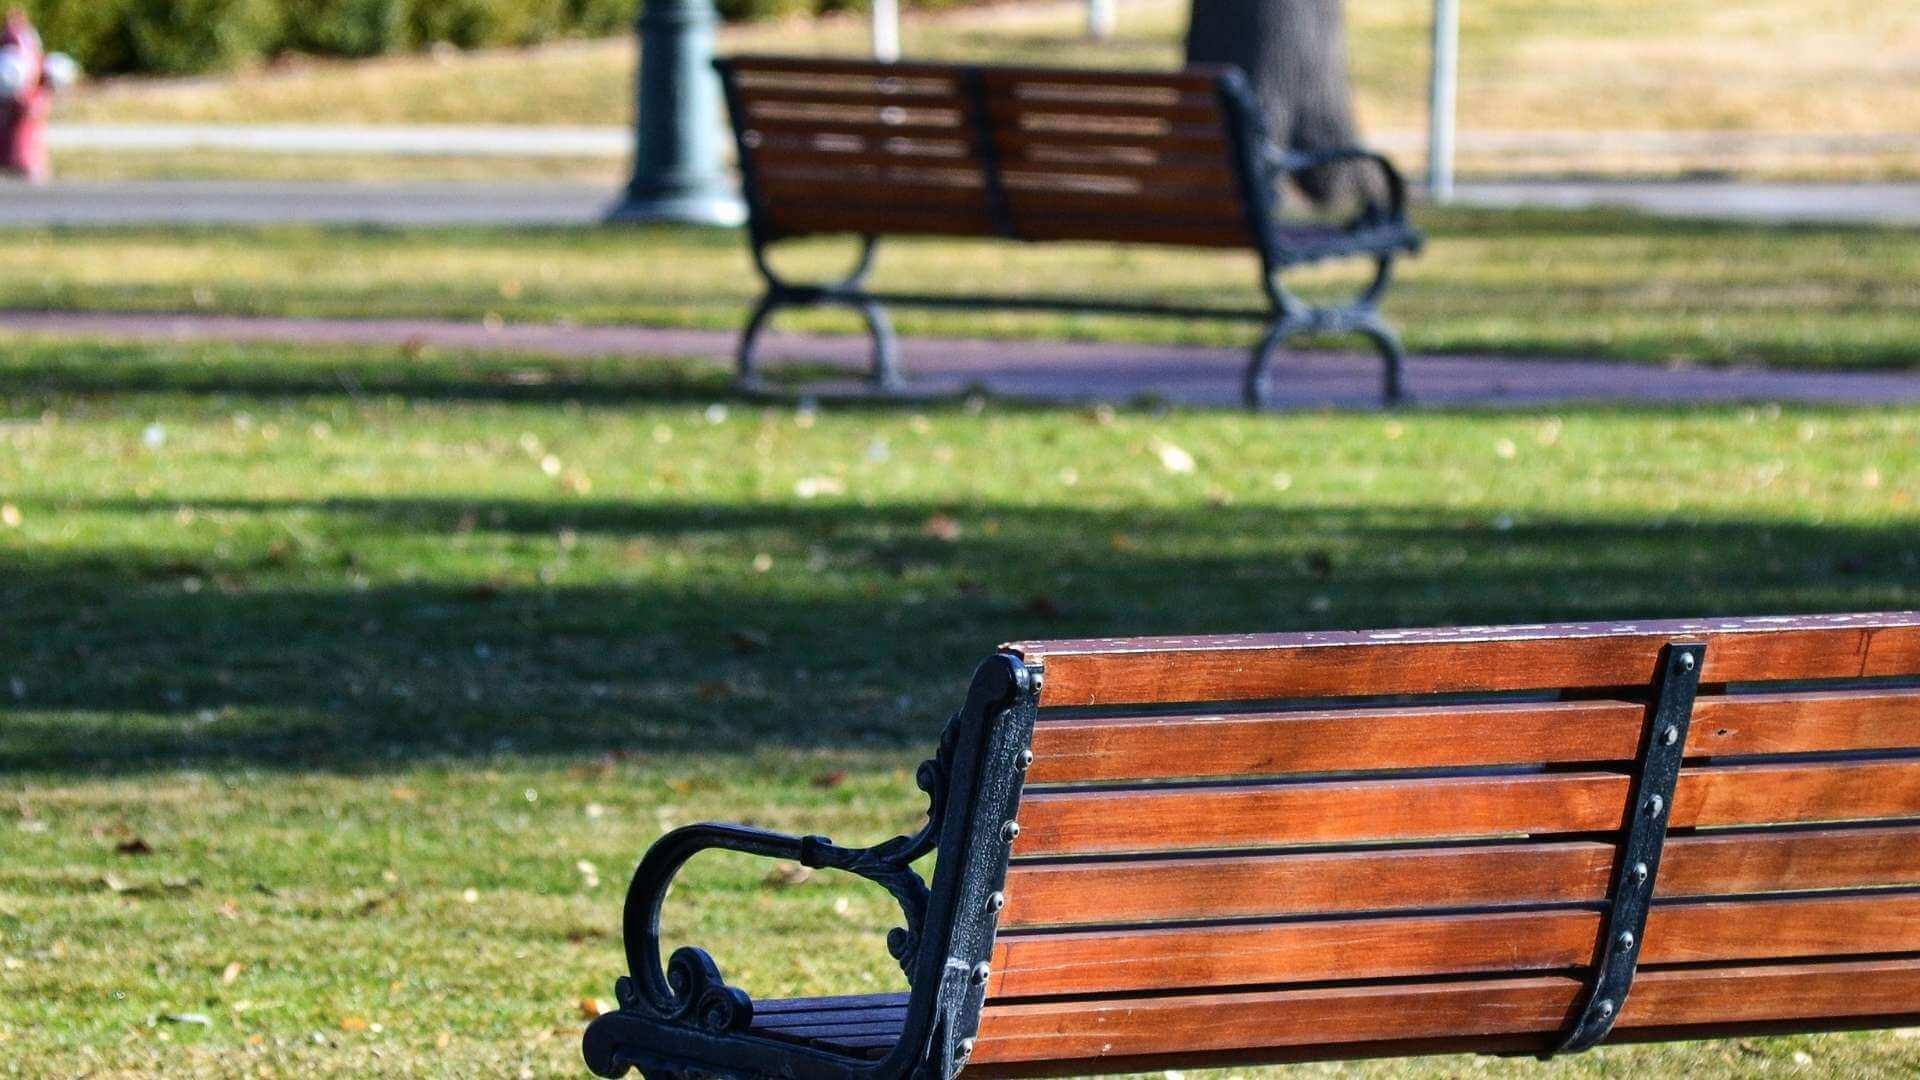 Parc(ă) ne place ideea – Atena combate poluarea cu mini parcuri